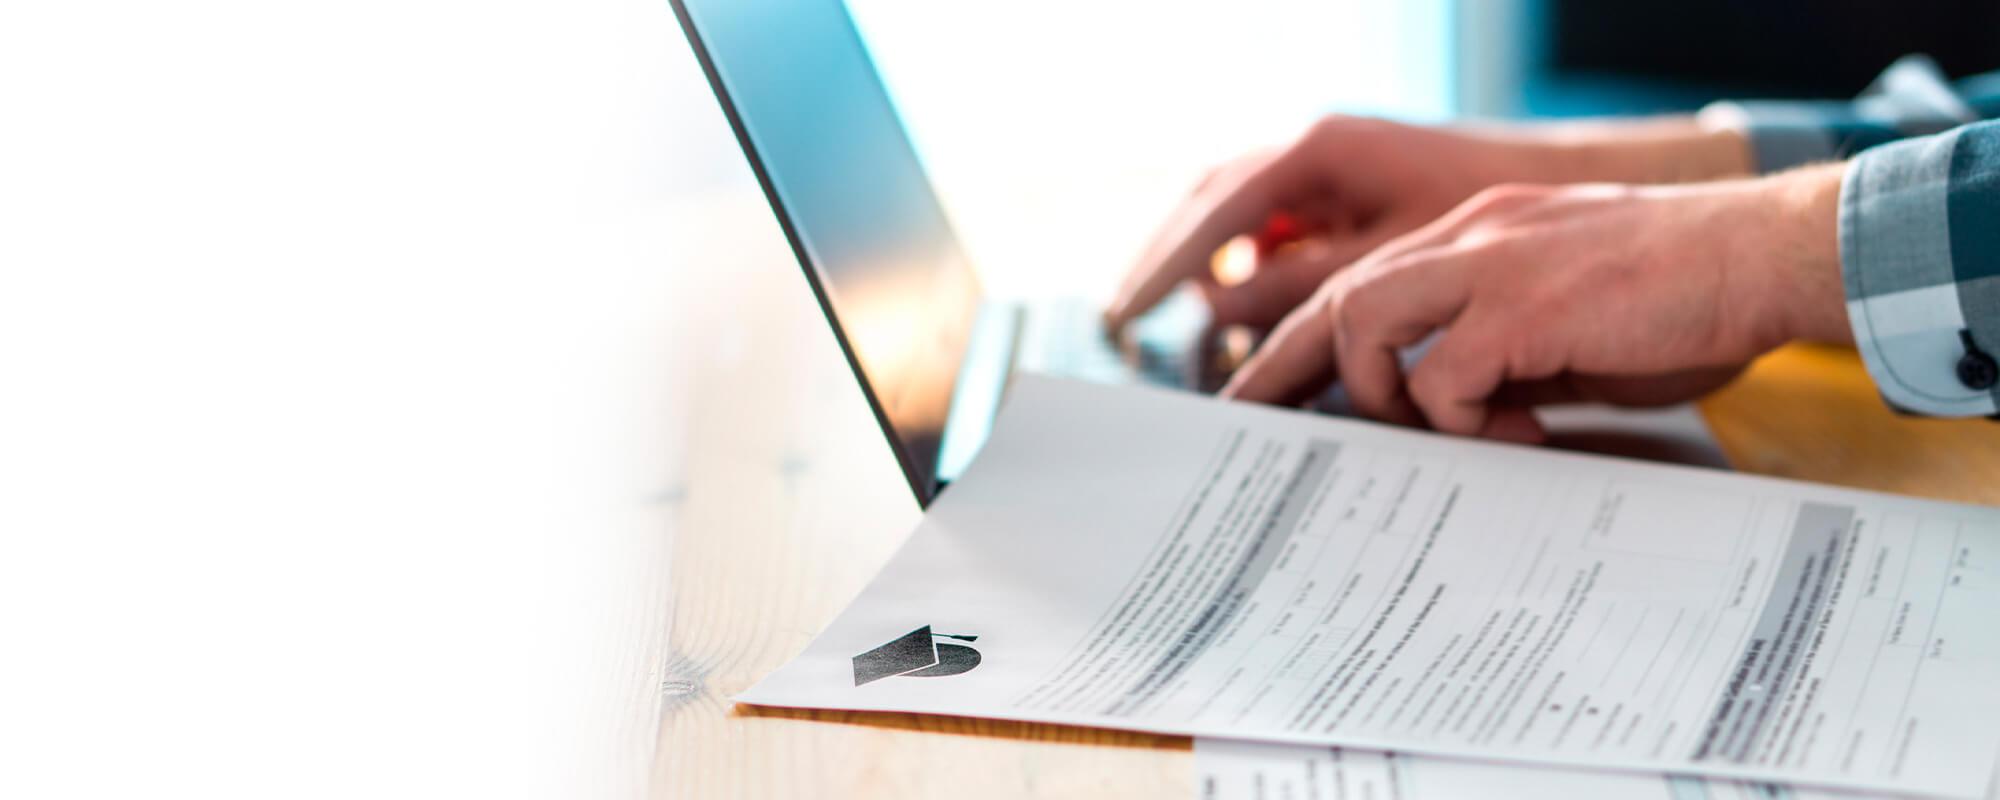 buscas-trabajo-lanzan-plataforma-para-encontrar-empleo